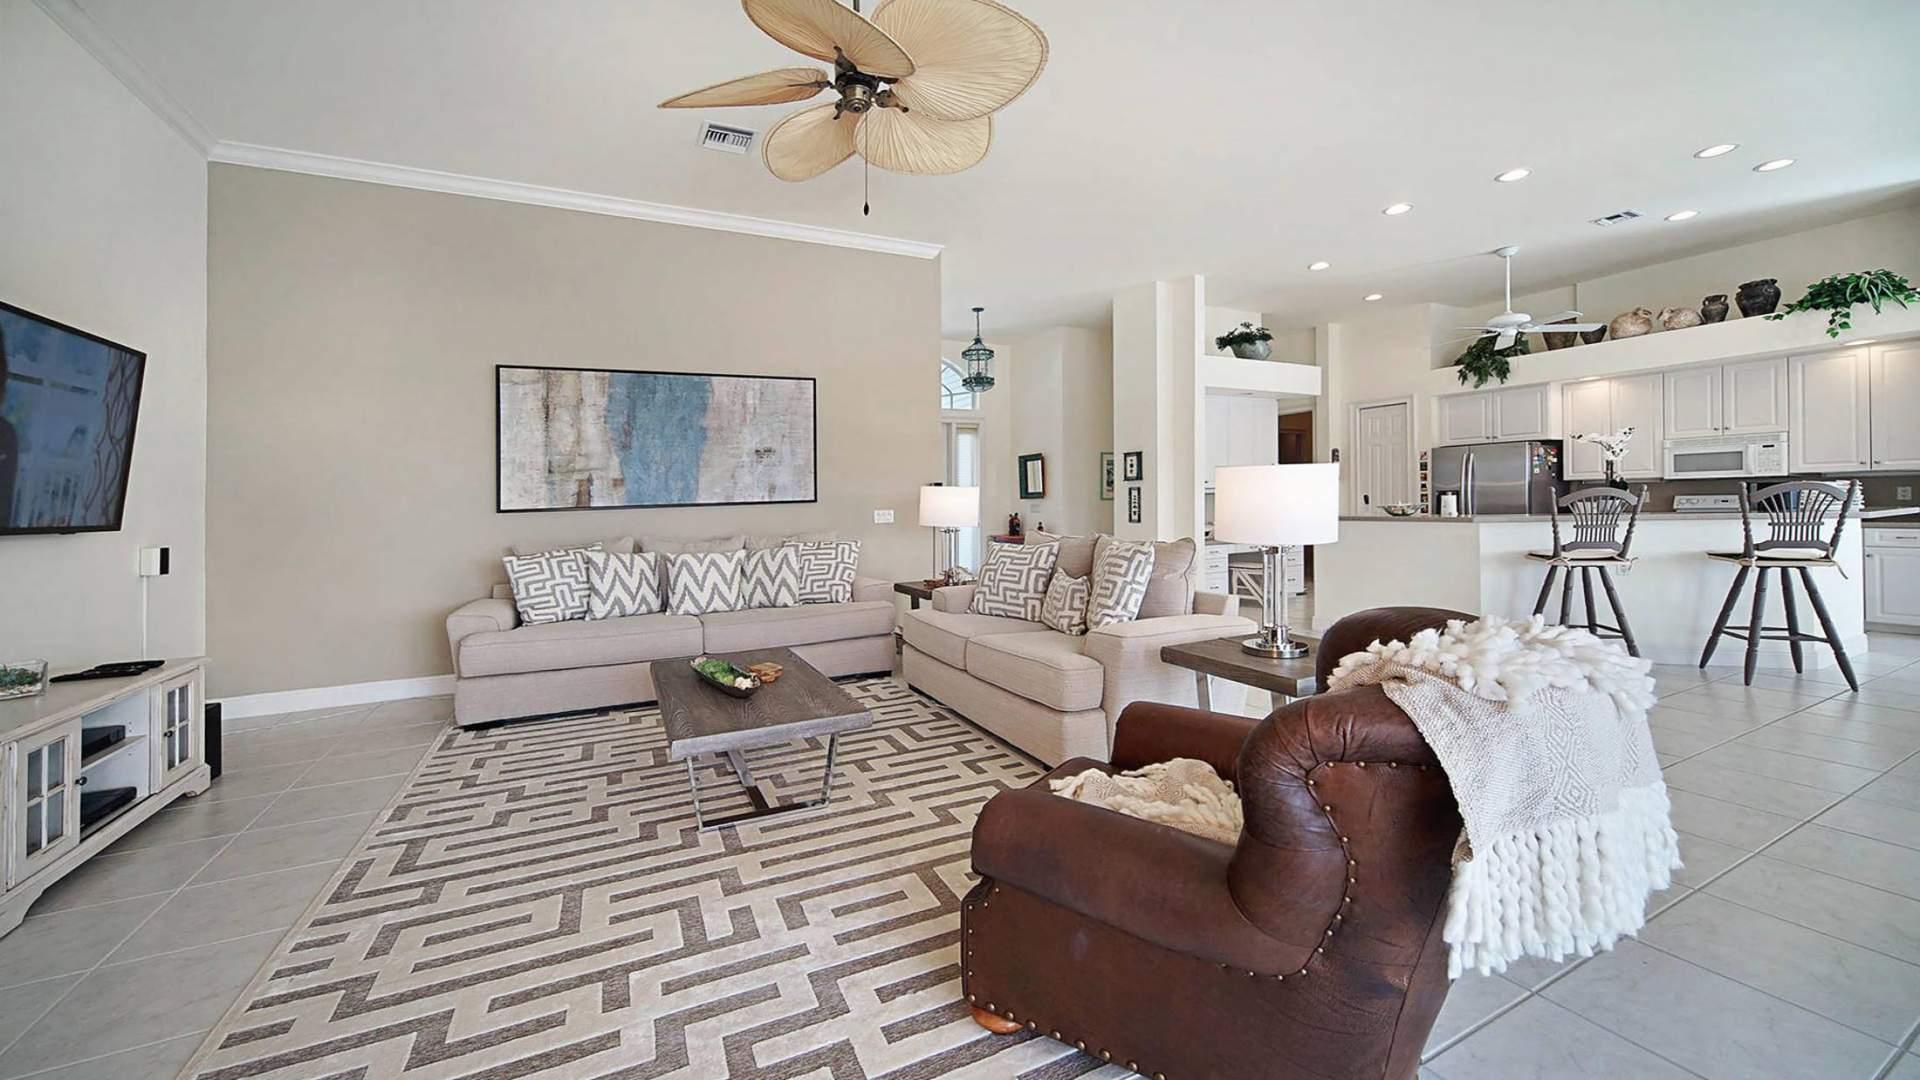 Das Offene Design Verbindet Wohnzimmer Esszimmer Und Die Komplett Eingerichtete Kche